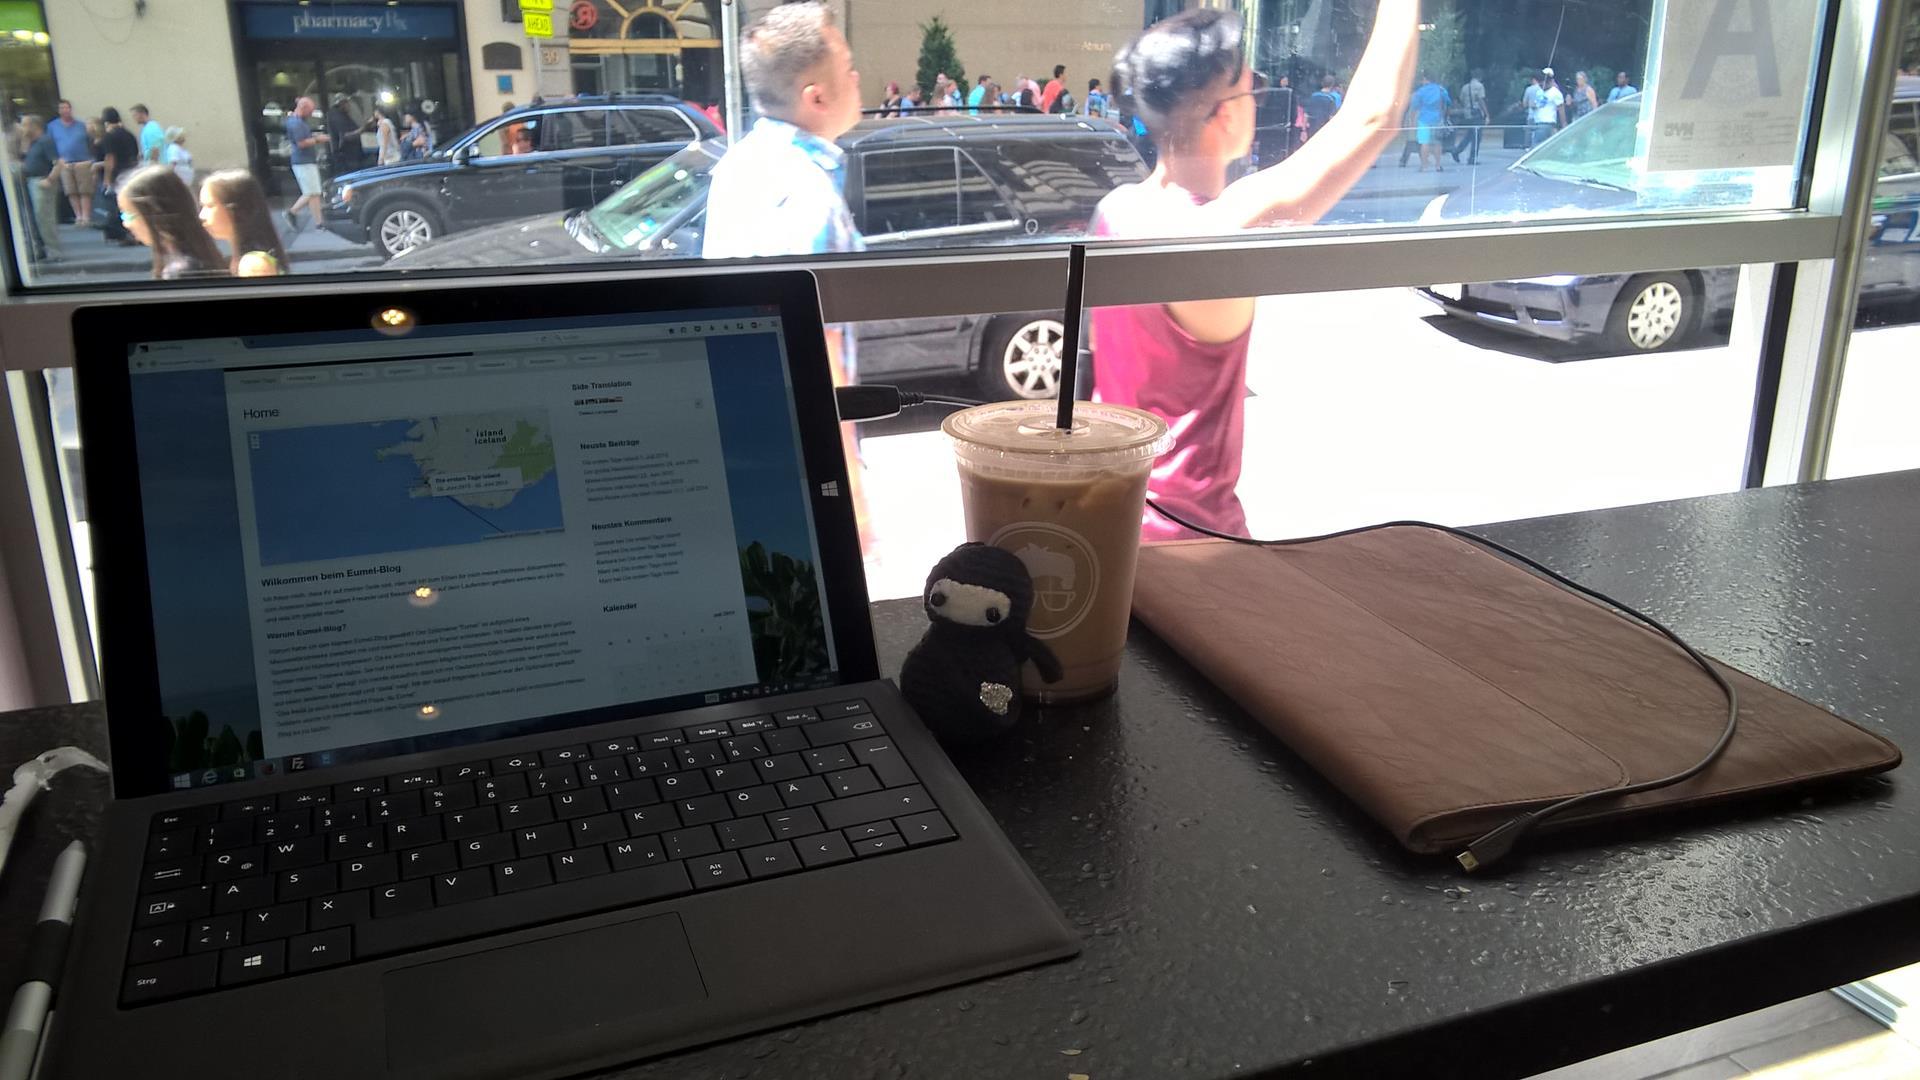 Beim bearbeiten meines Blogs am Broadway